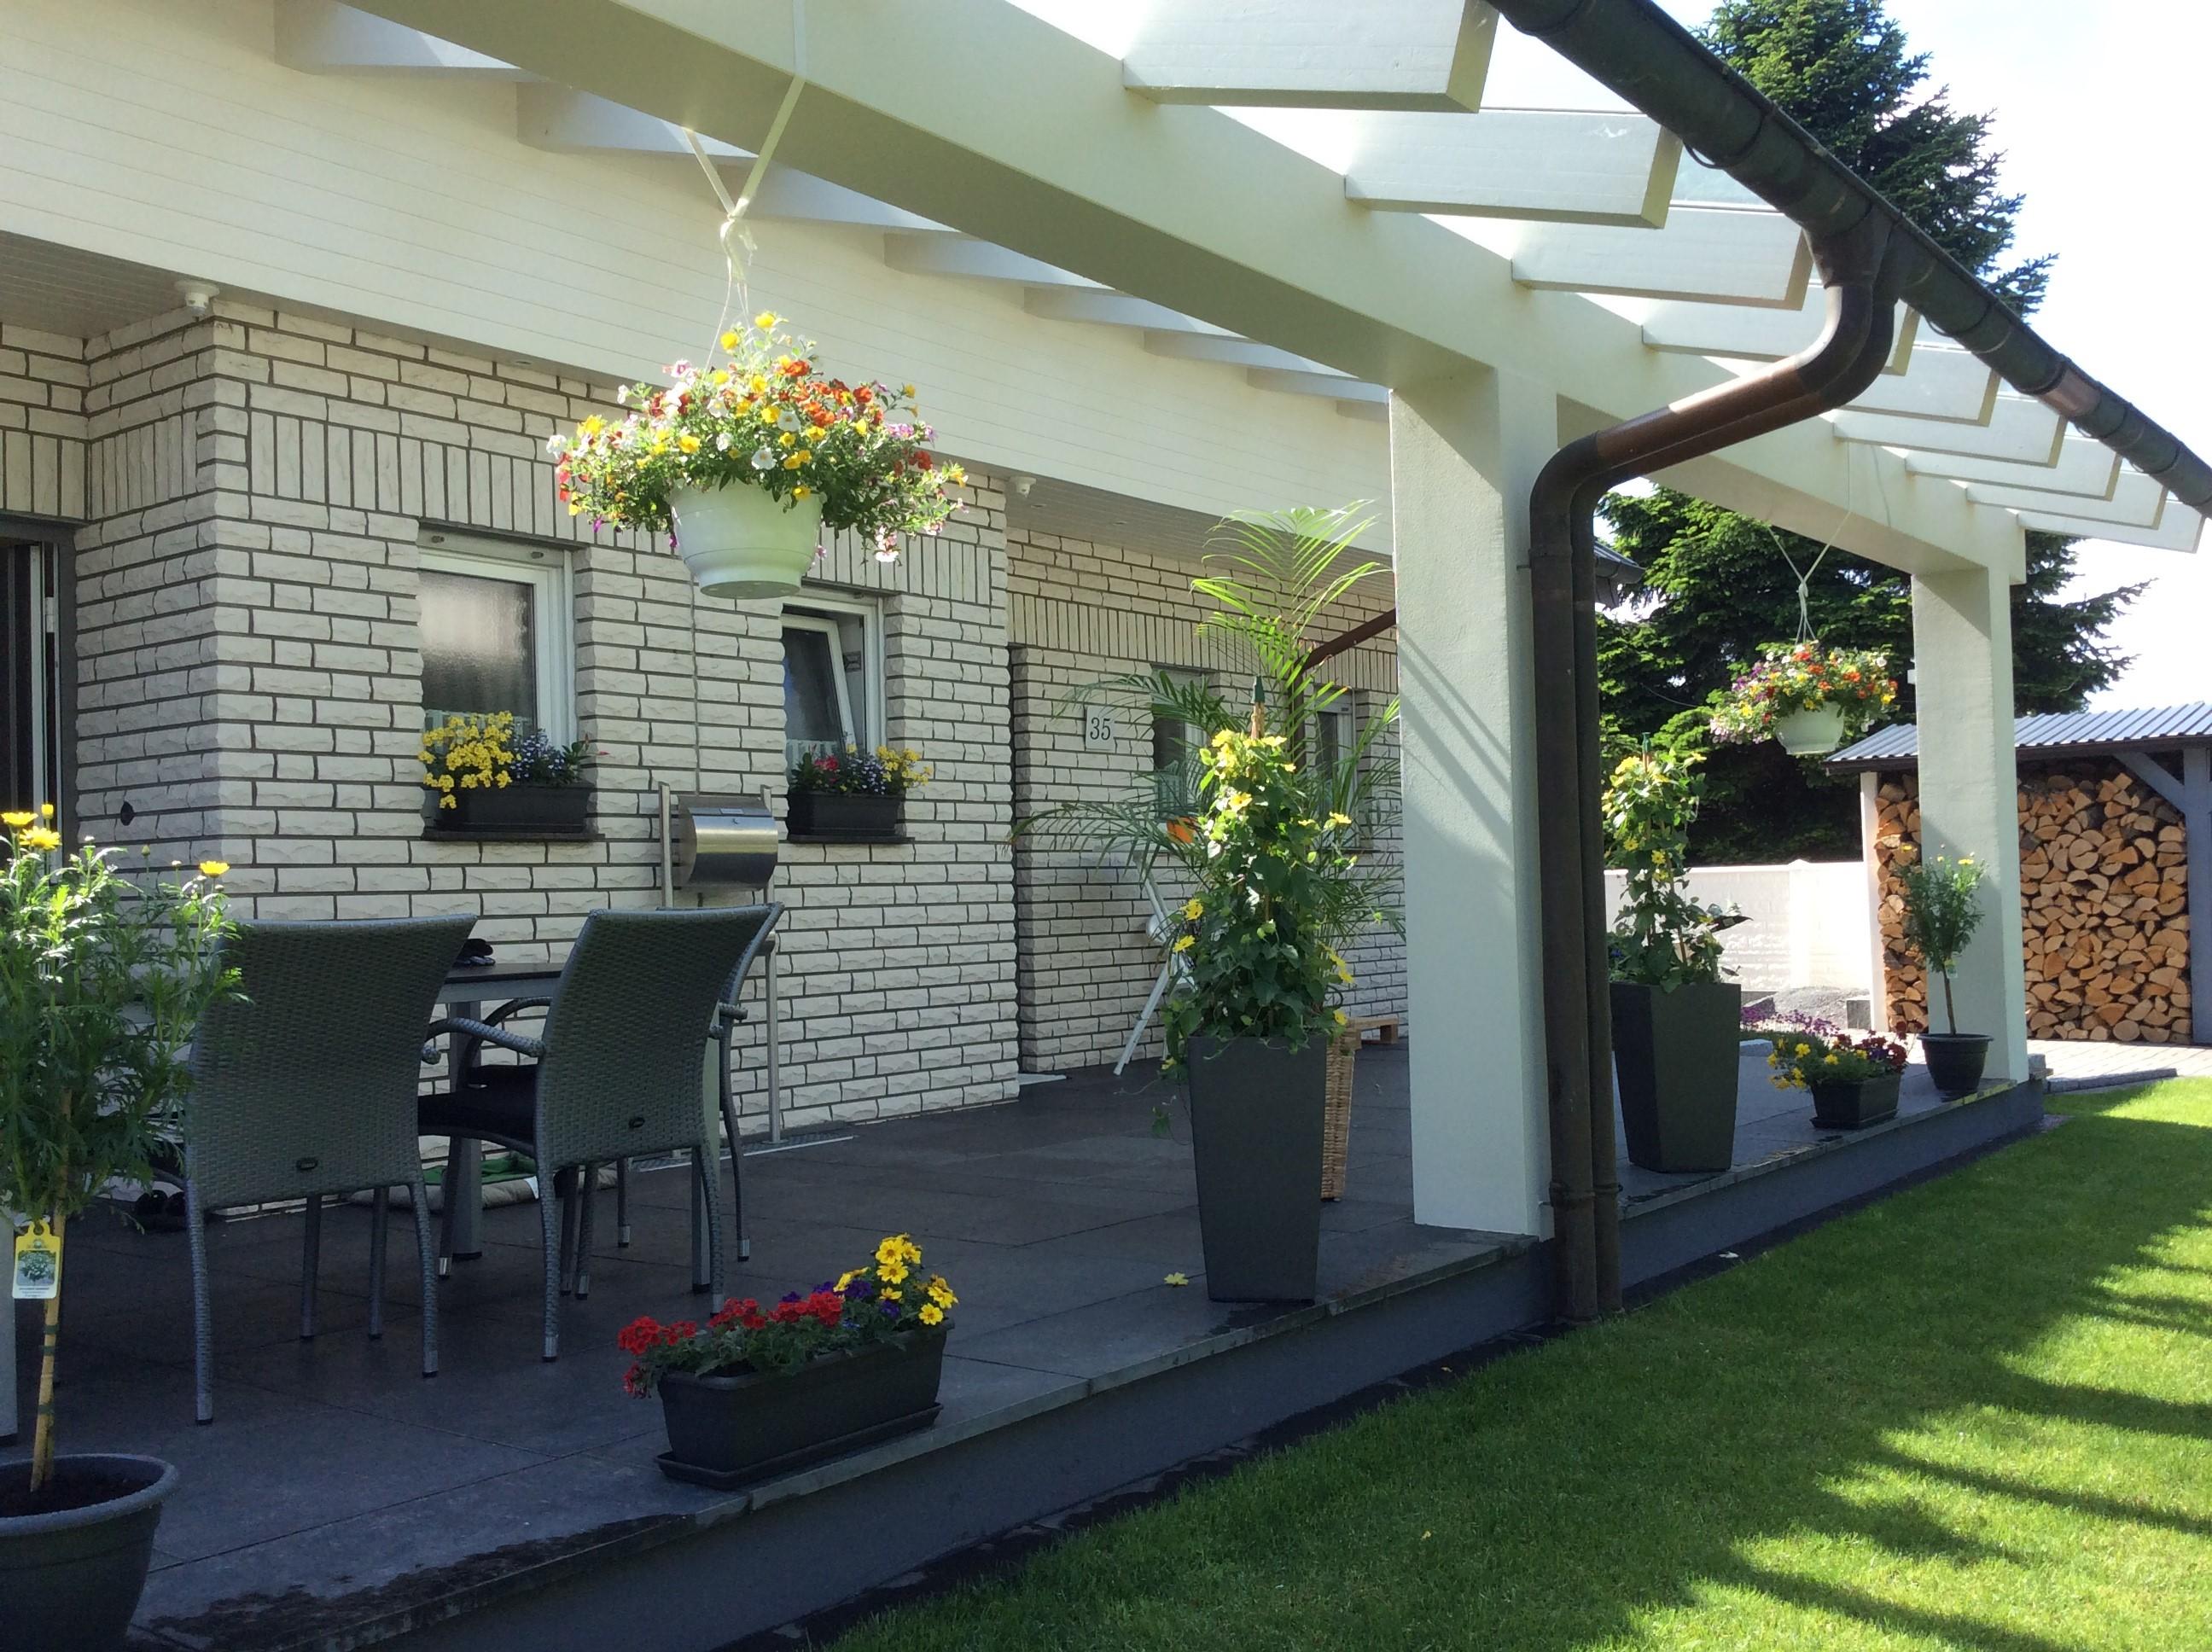 Ferienwohnung Bad Oeynhausen Monteur Unterkunft